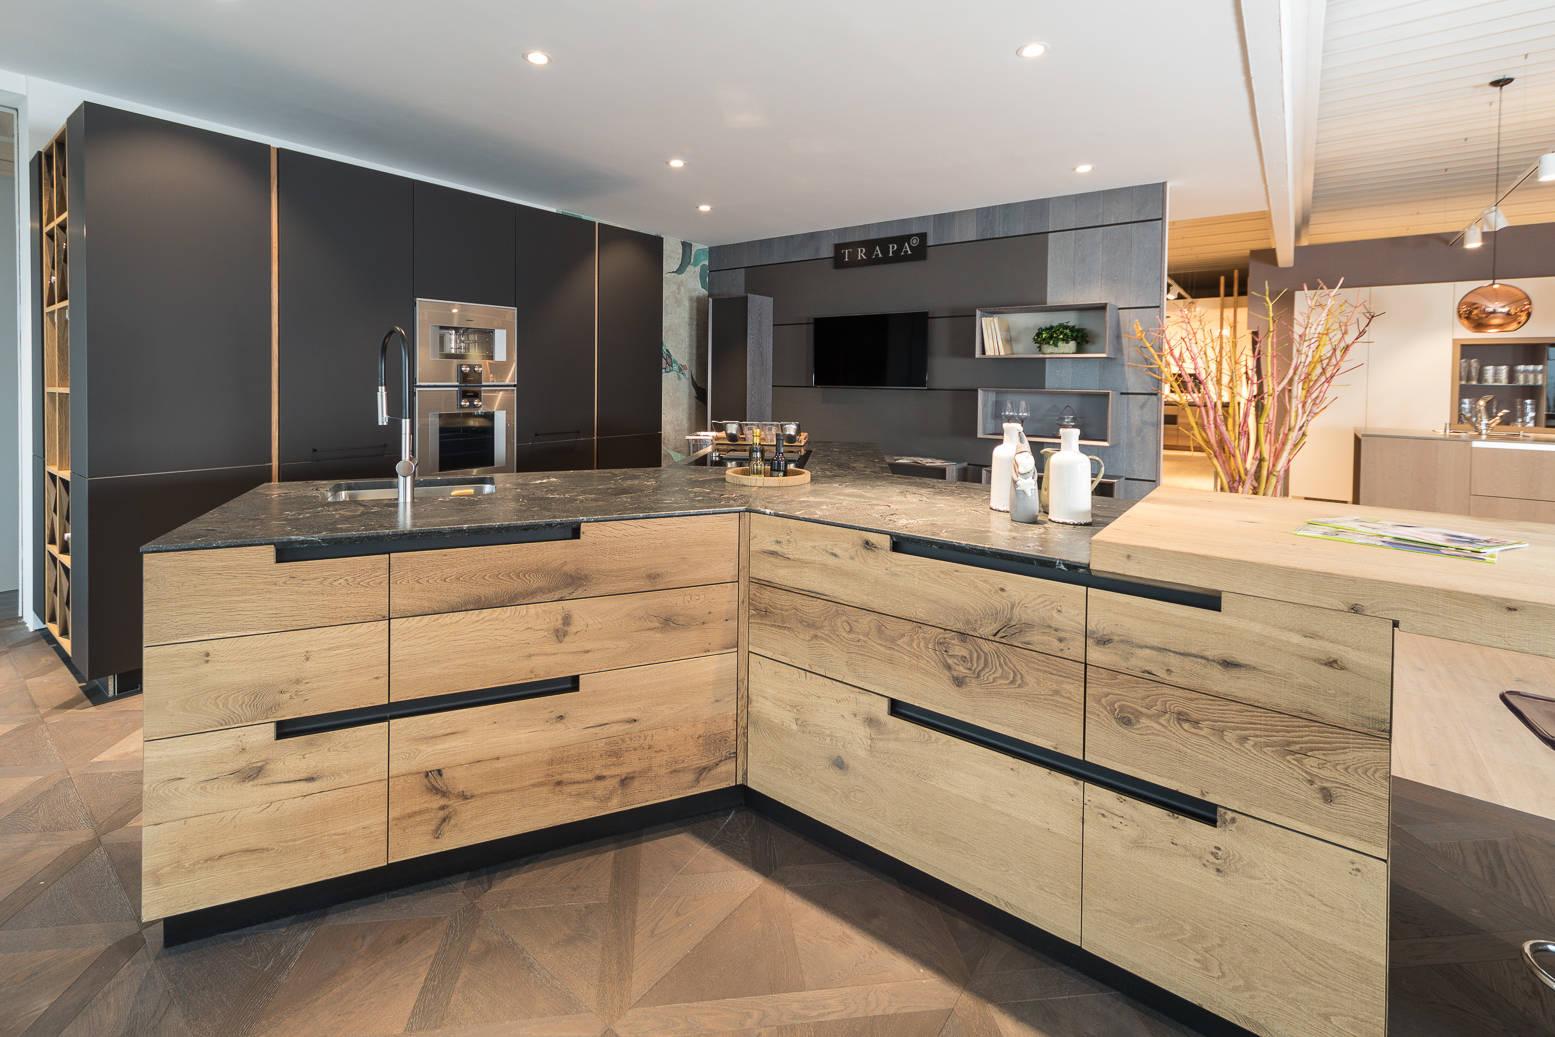 Full Size of Küche Planen Und Kaufen Küche Planen Worauf Achten Mömax Küche Planen Sehr Kleine Küche Planen Küche Küche Planen